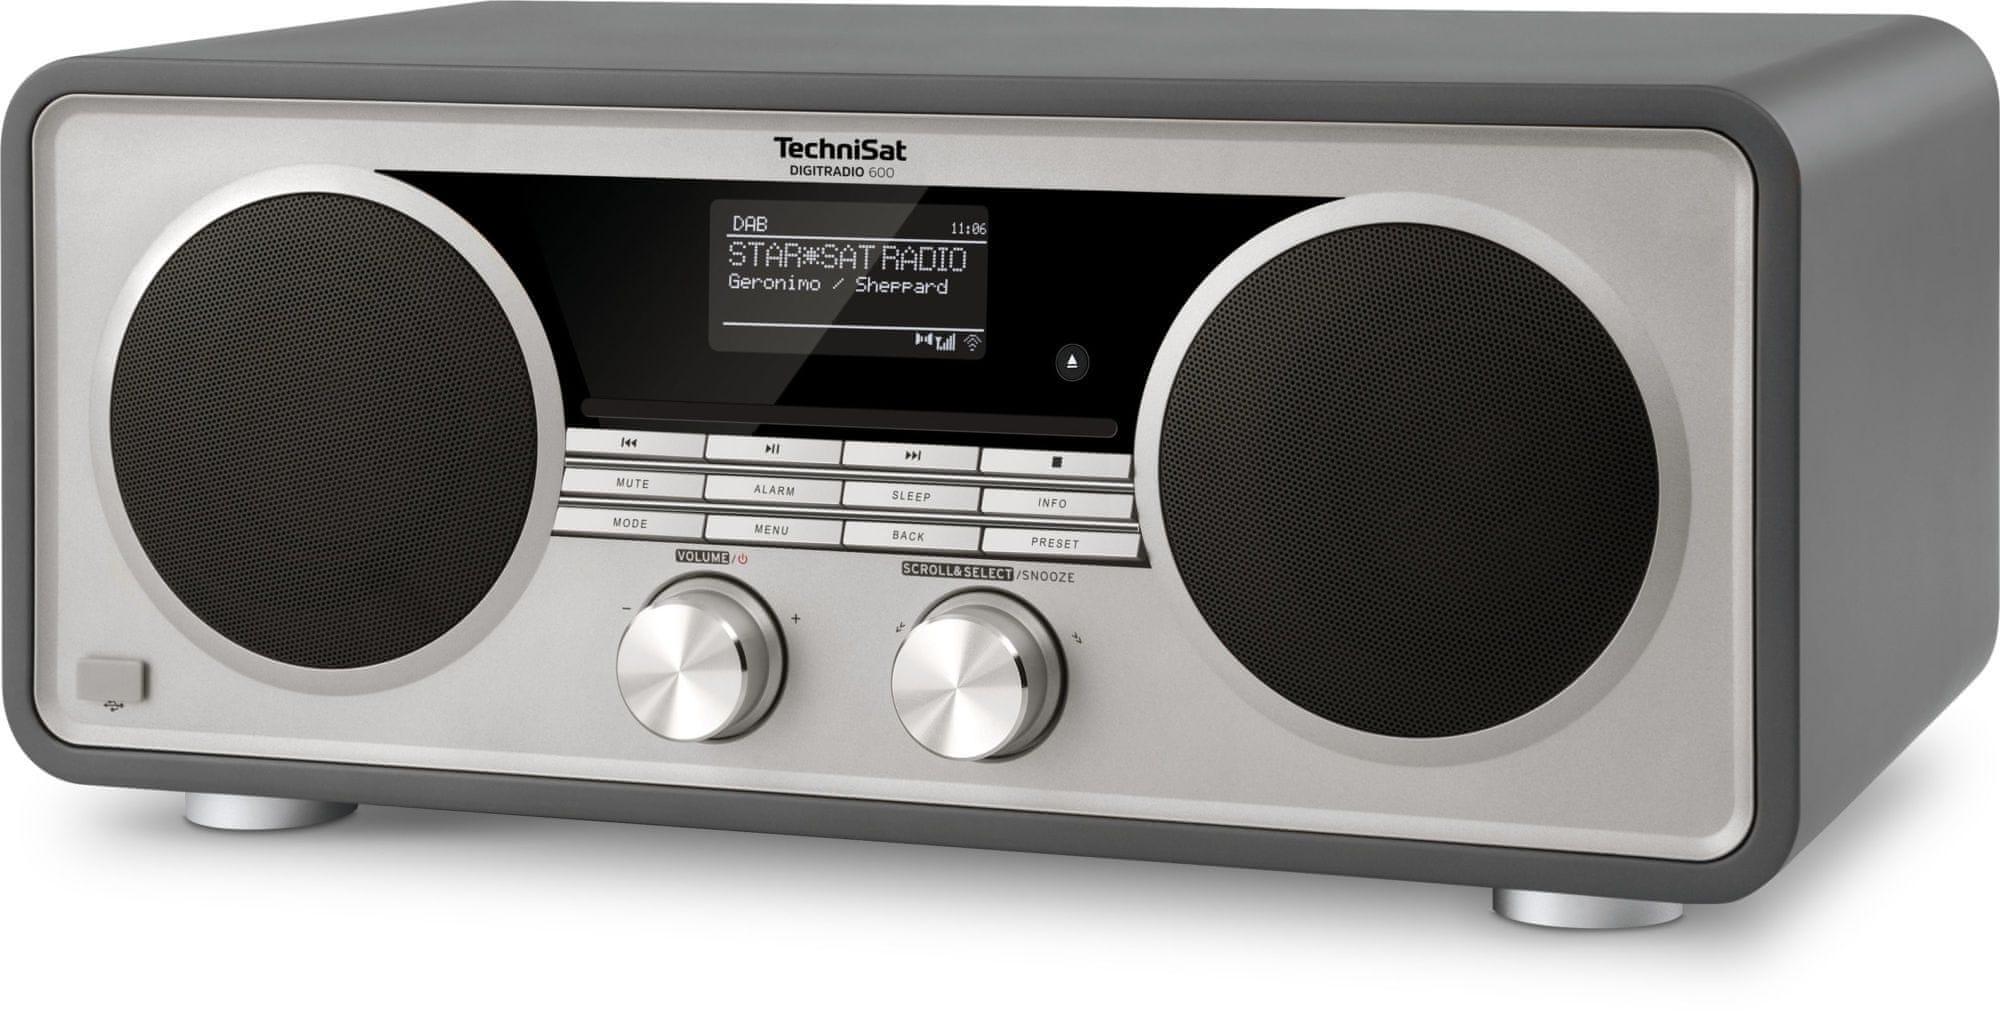 radiopřijímač TechniSat Digitradio 600 Cd bluetooth usb